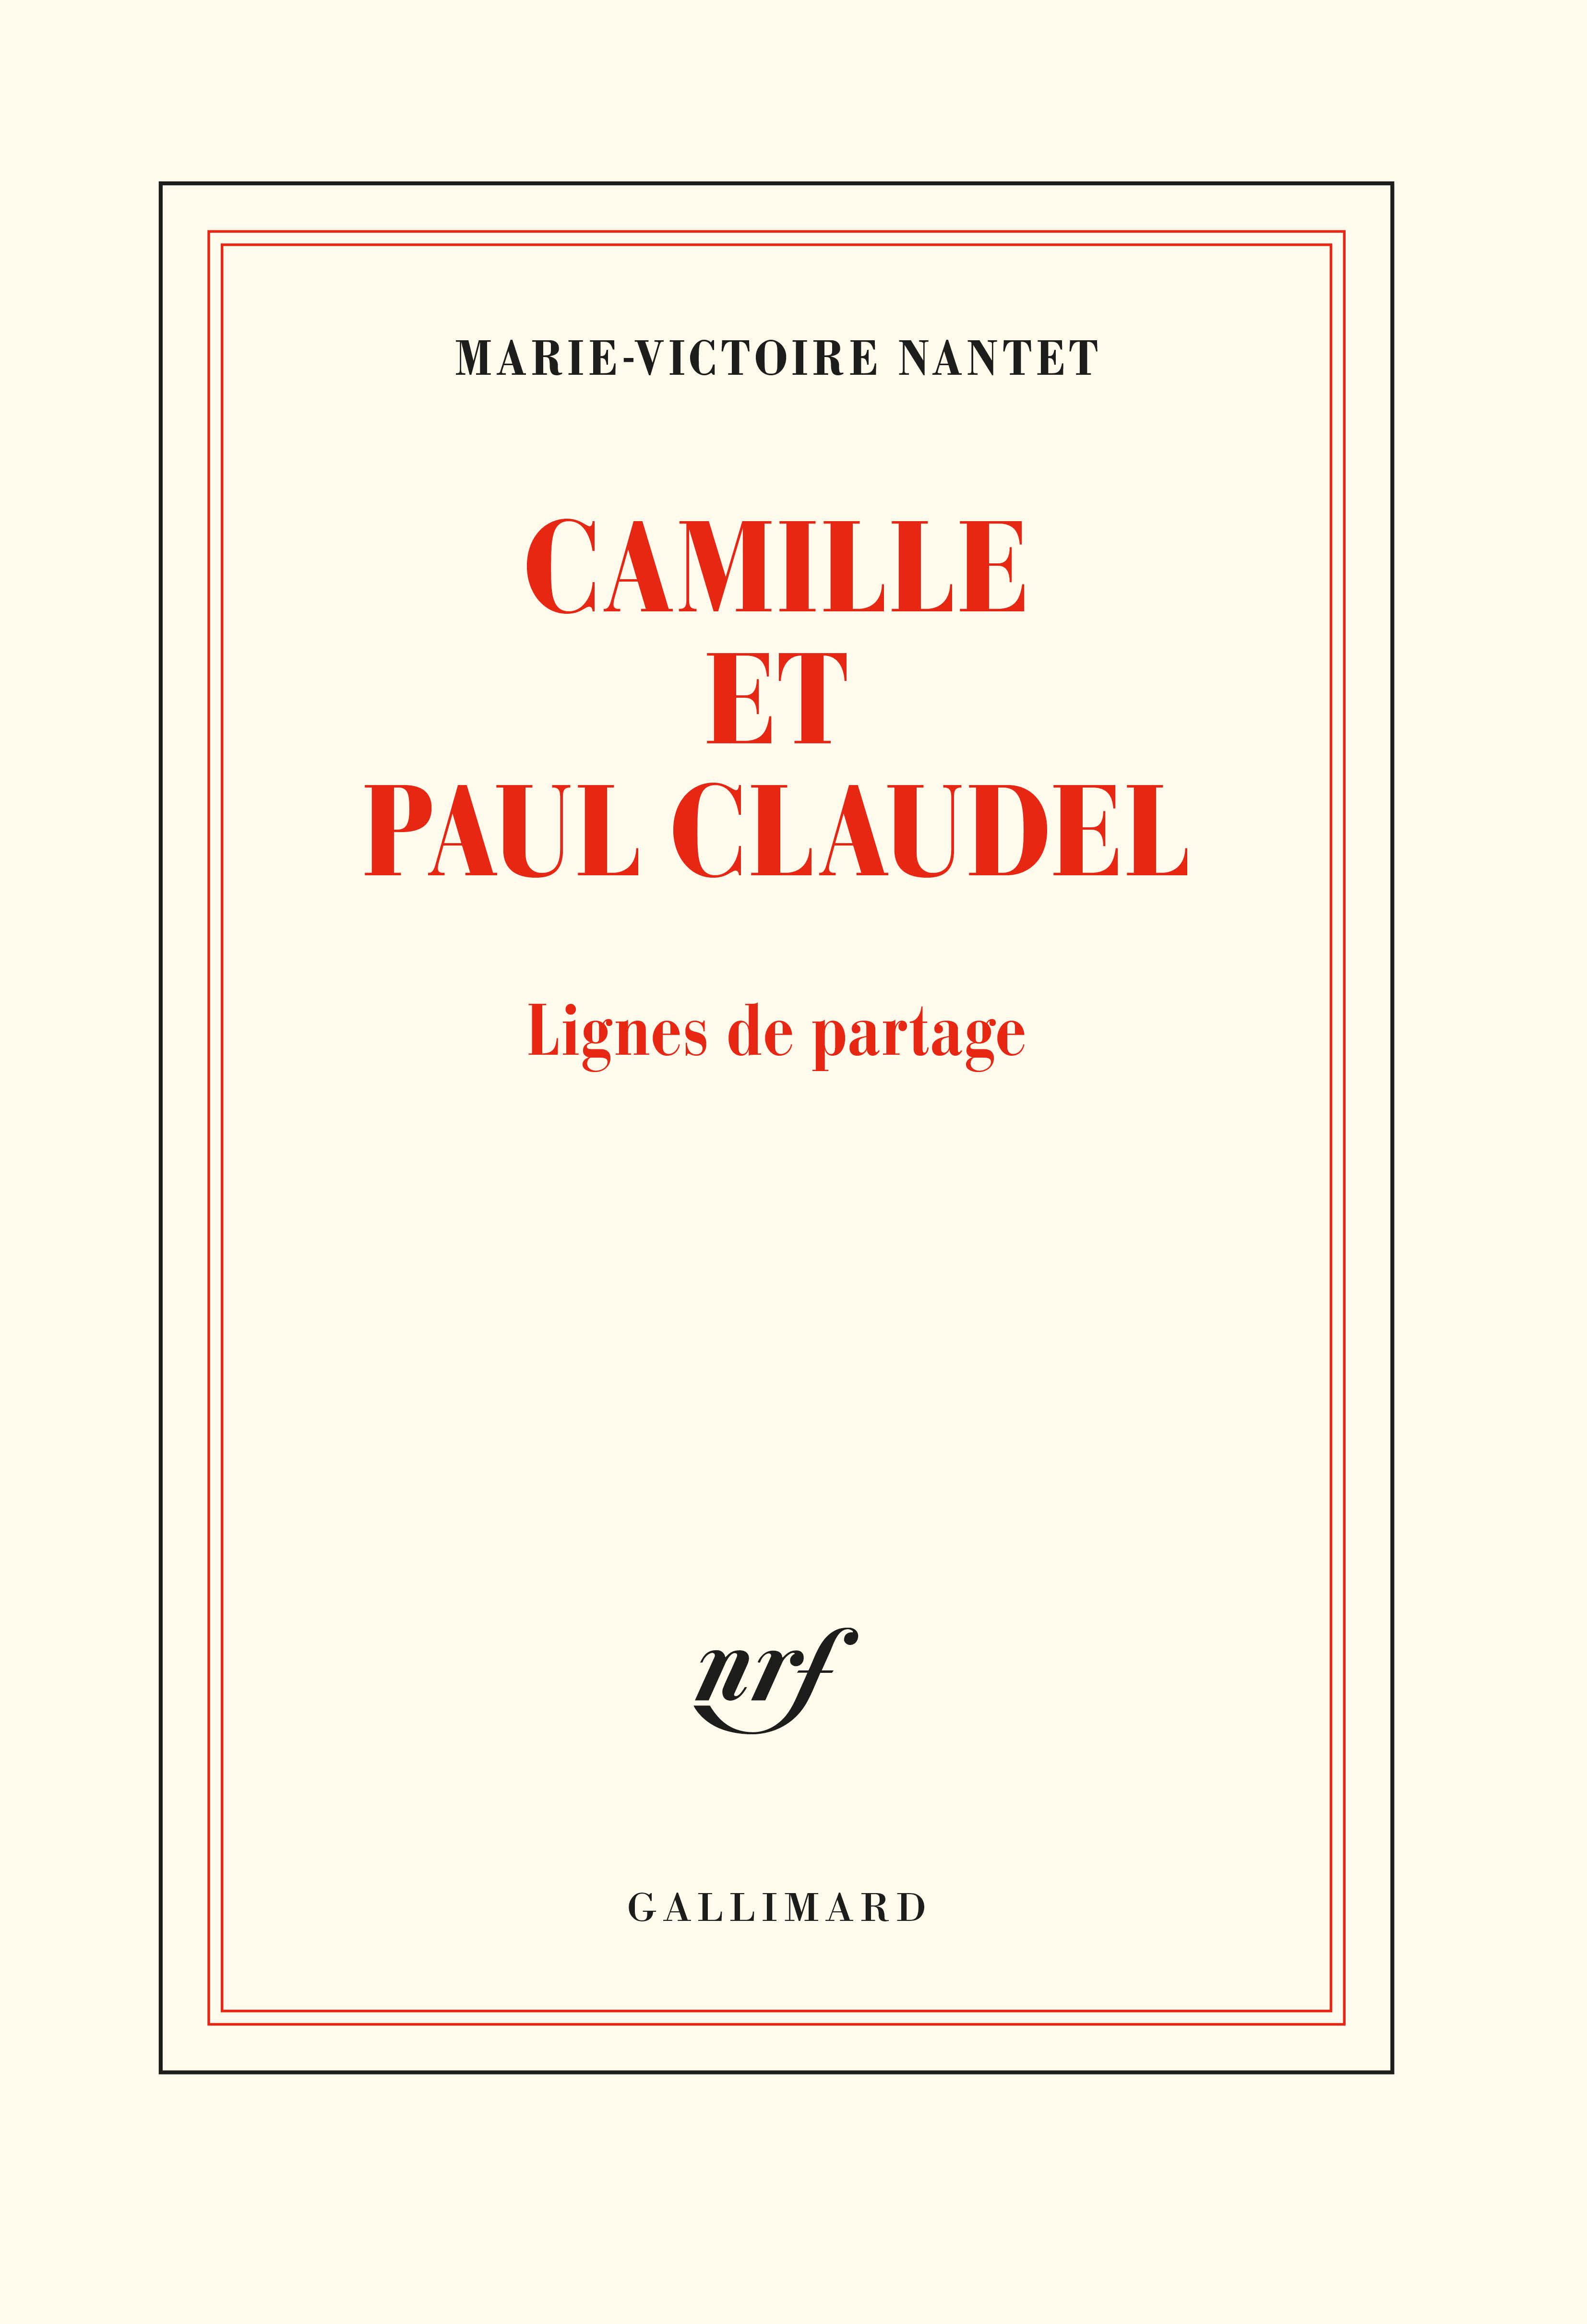 CAMILLE ET PAUL CLAUDEL - LIGNES DE PARTAGE